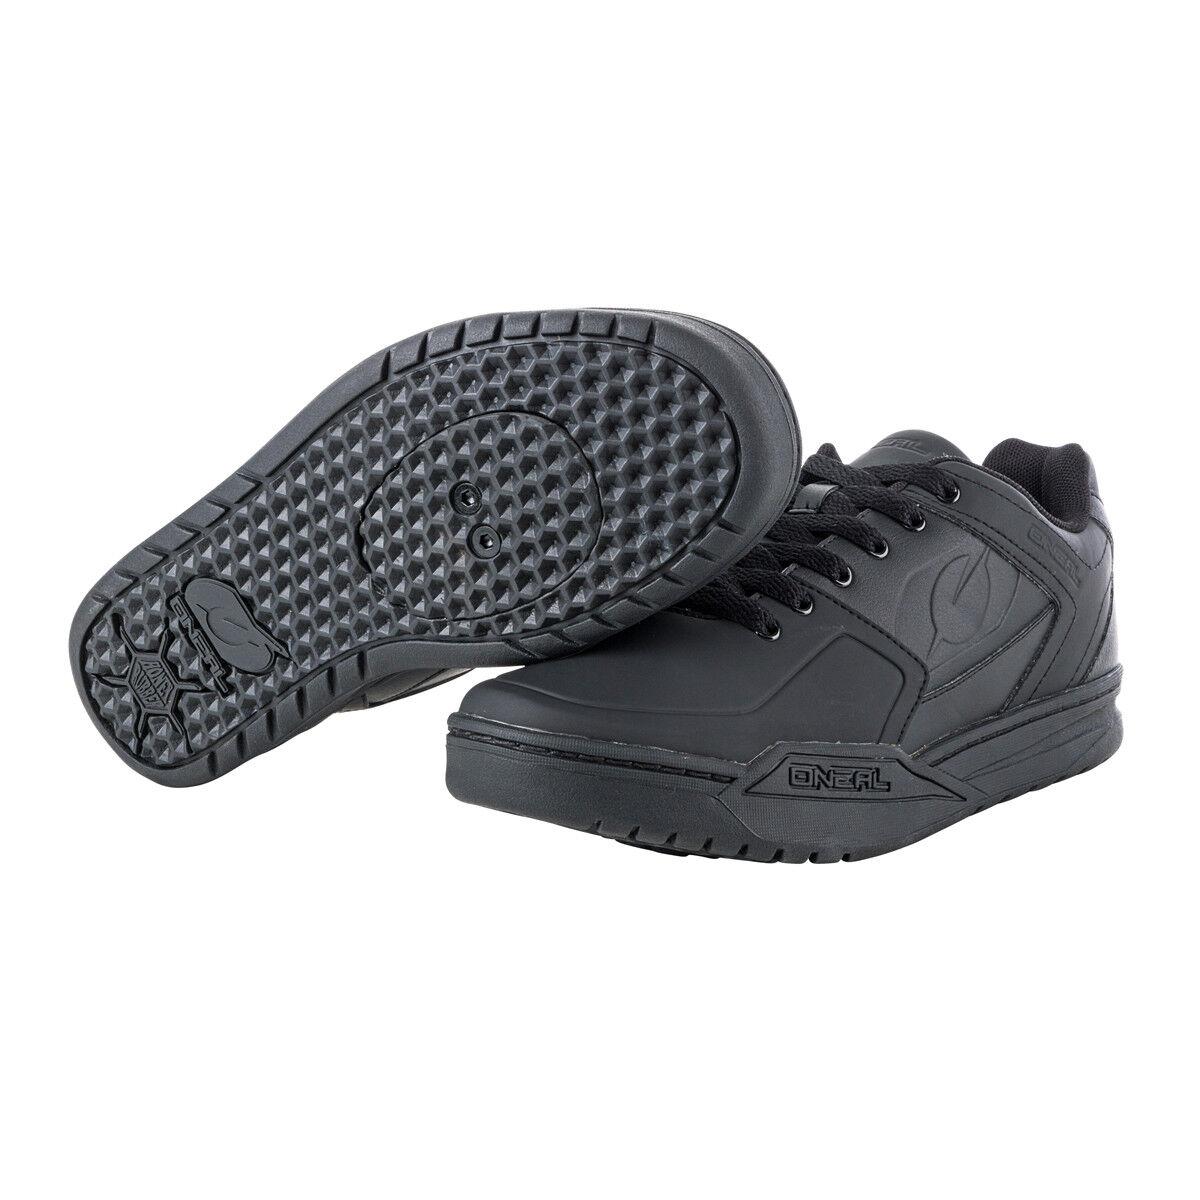 O 'neal estuvo colgado spd Dirt MTB bicicleta zapatos negro 2019 oneal